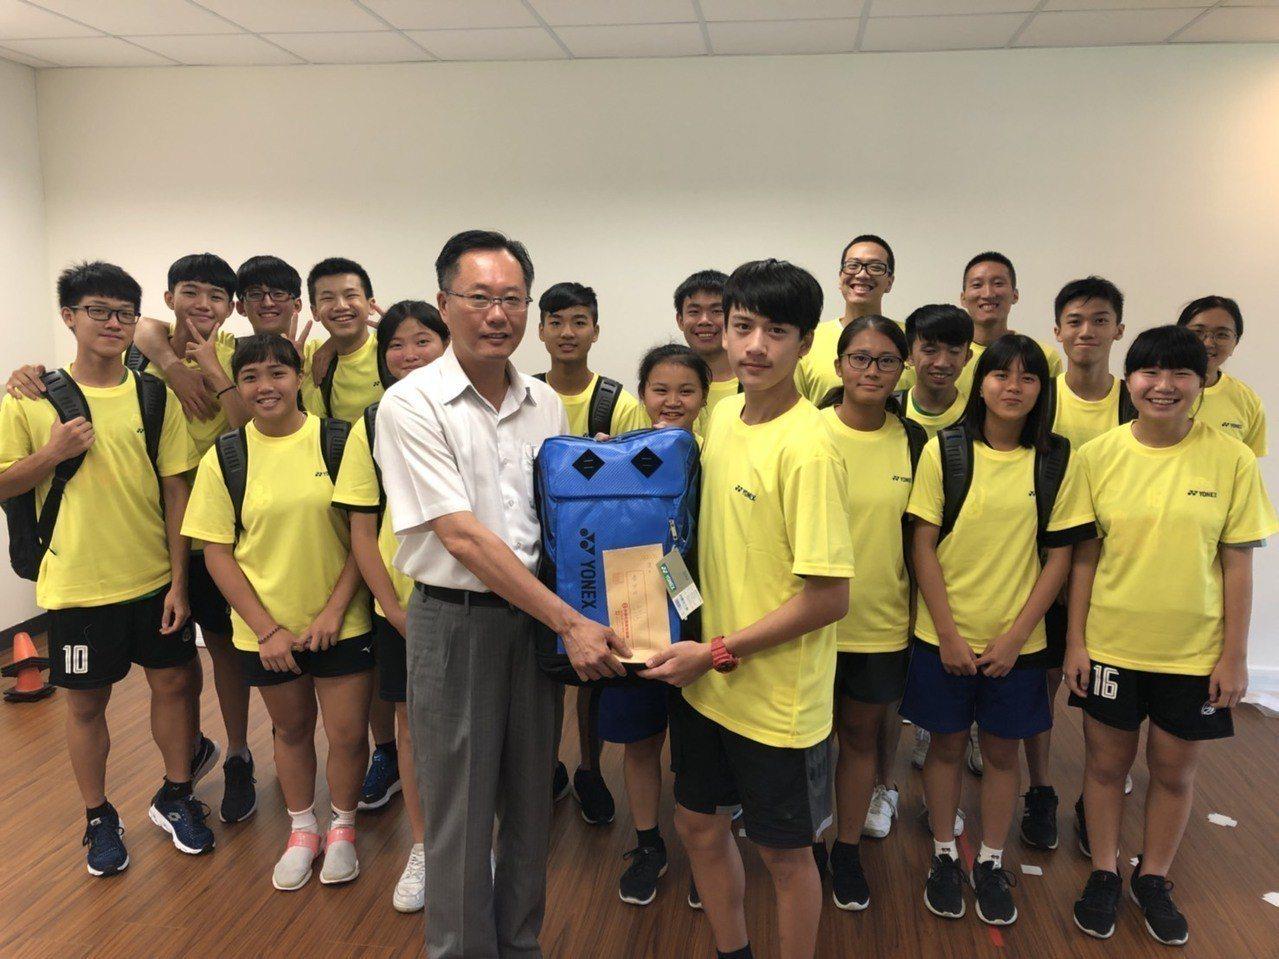 中華藤球協會理事長蔡鴻鵬(前排左)致贈裝備、零用金給小選手。圖/中華藤球協會提供